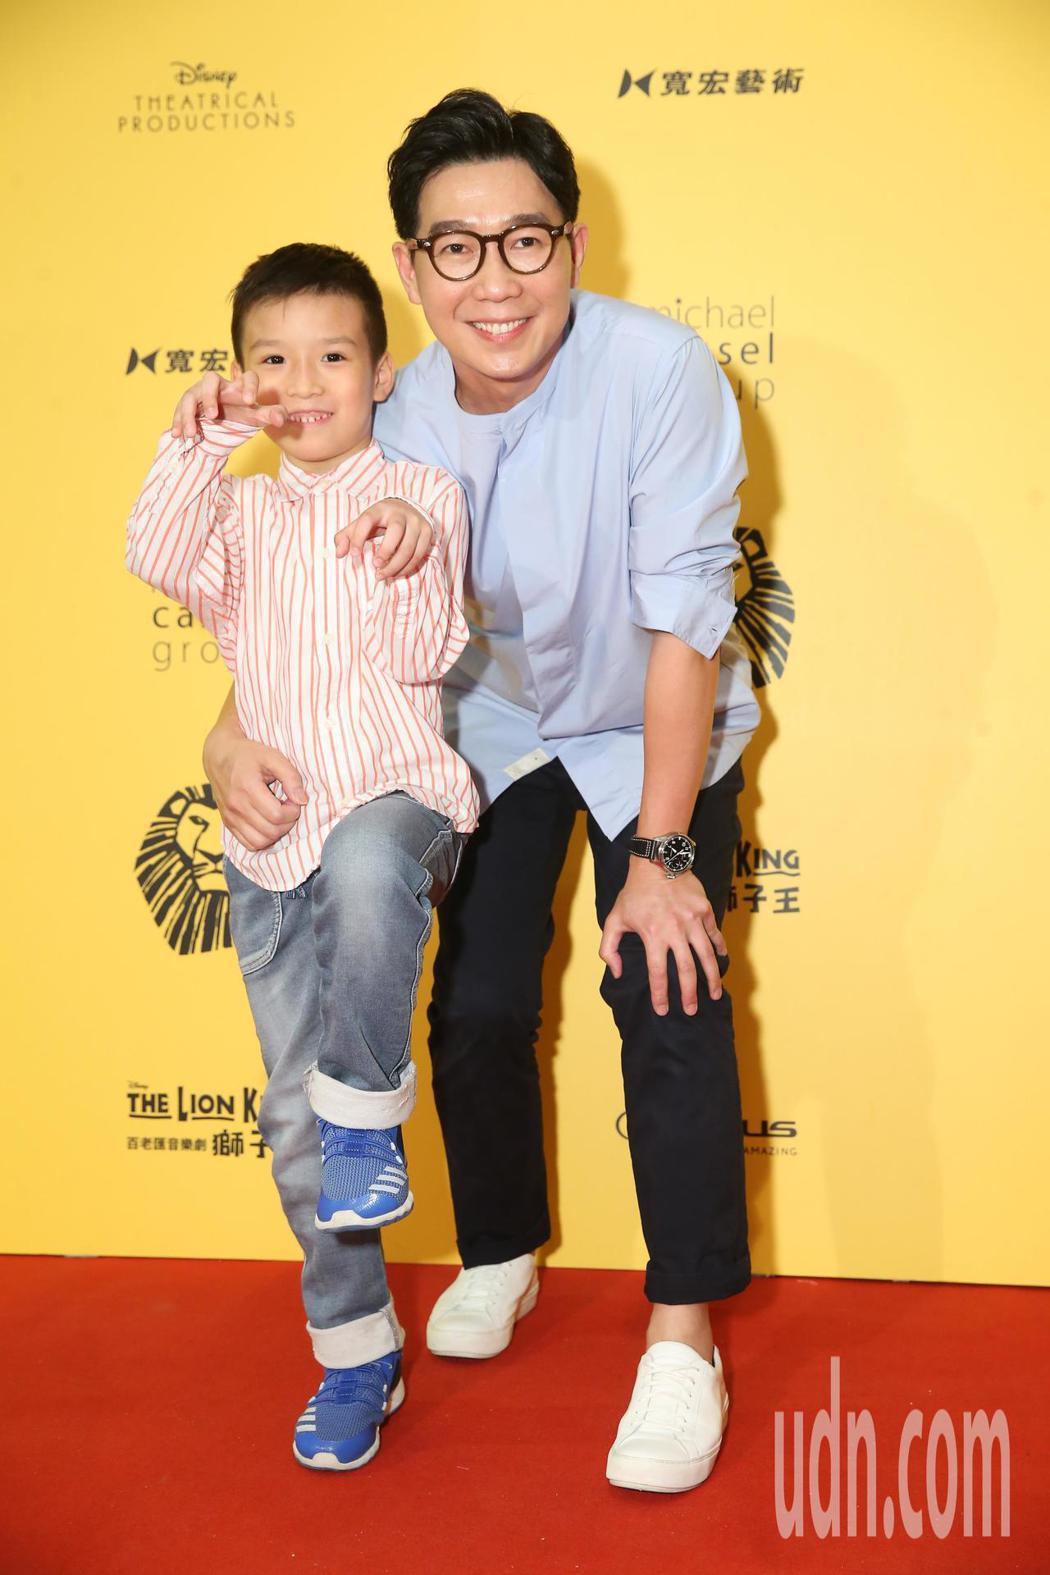 品冠今晚帶著小朋友觀賞音樂劇 《獅子王》。記者徐兆玄/攝影